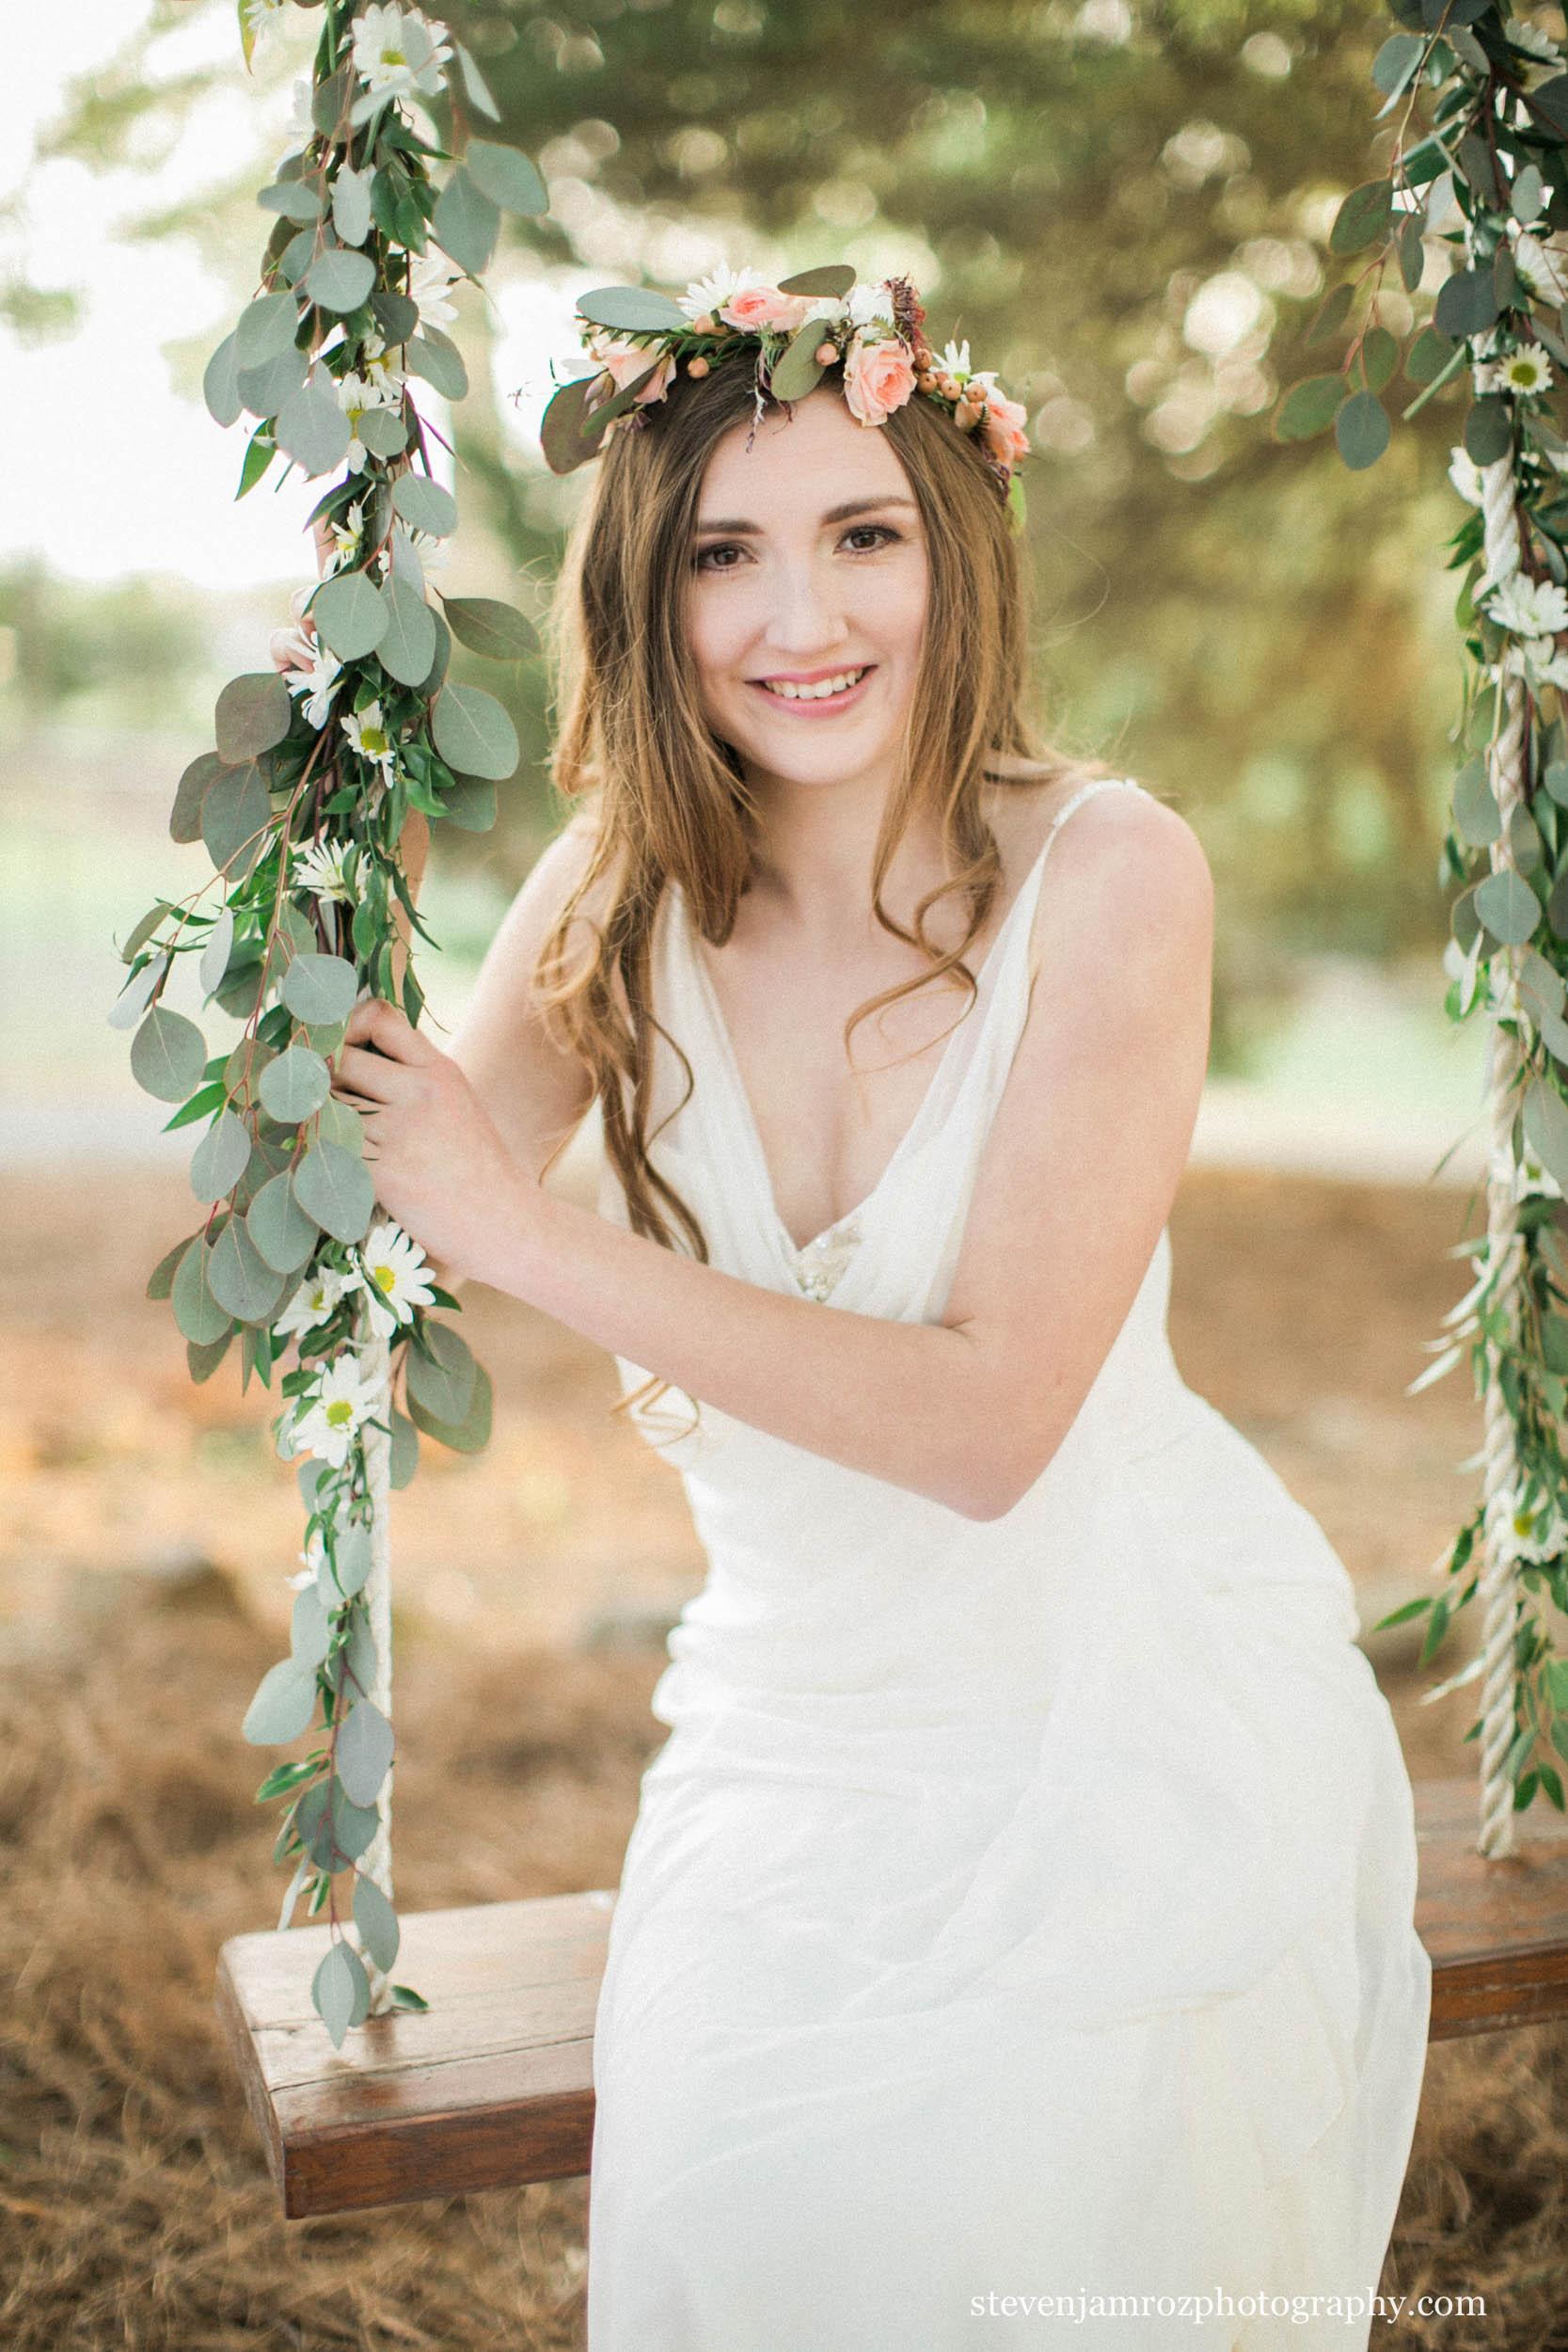 flowers-wedding-styled-shoot-raleigh-nc.jpg